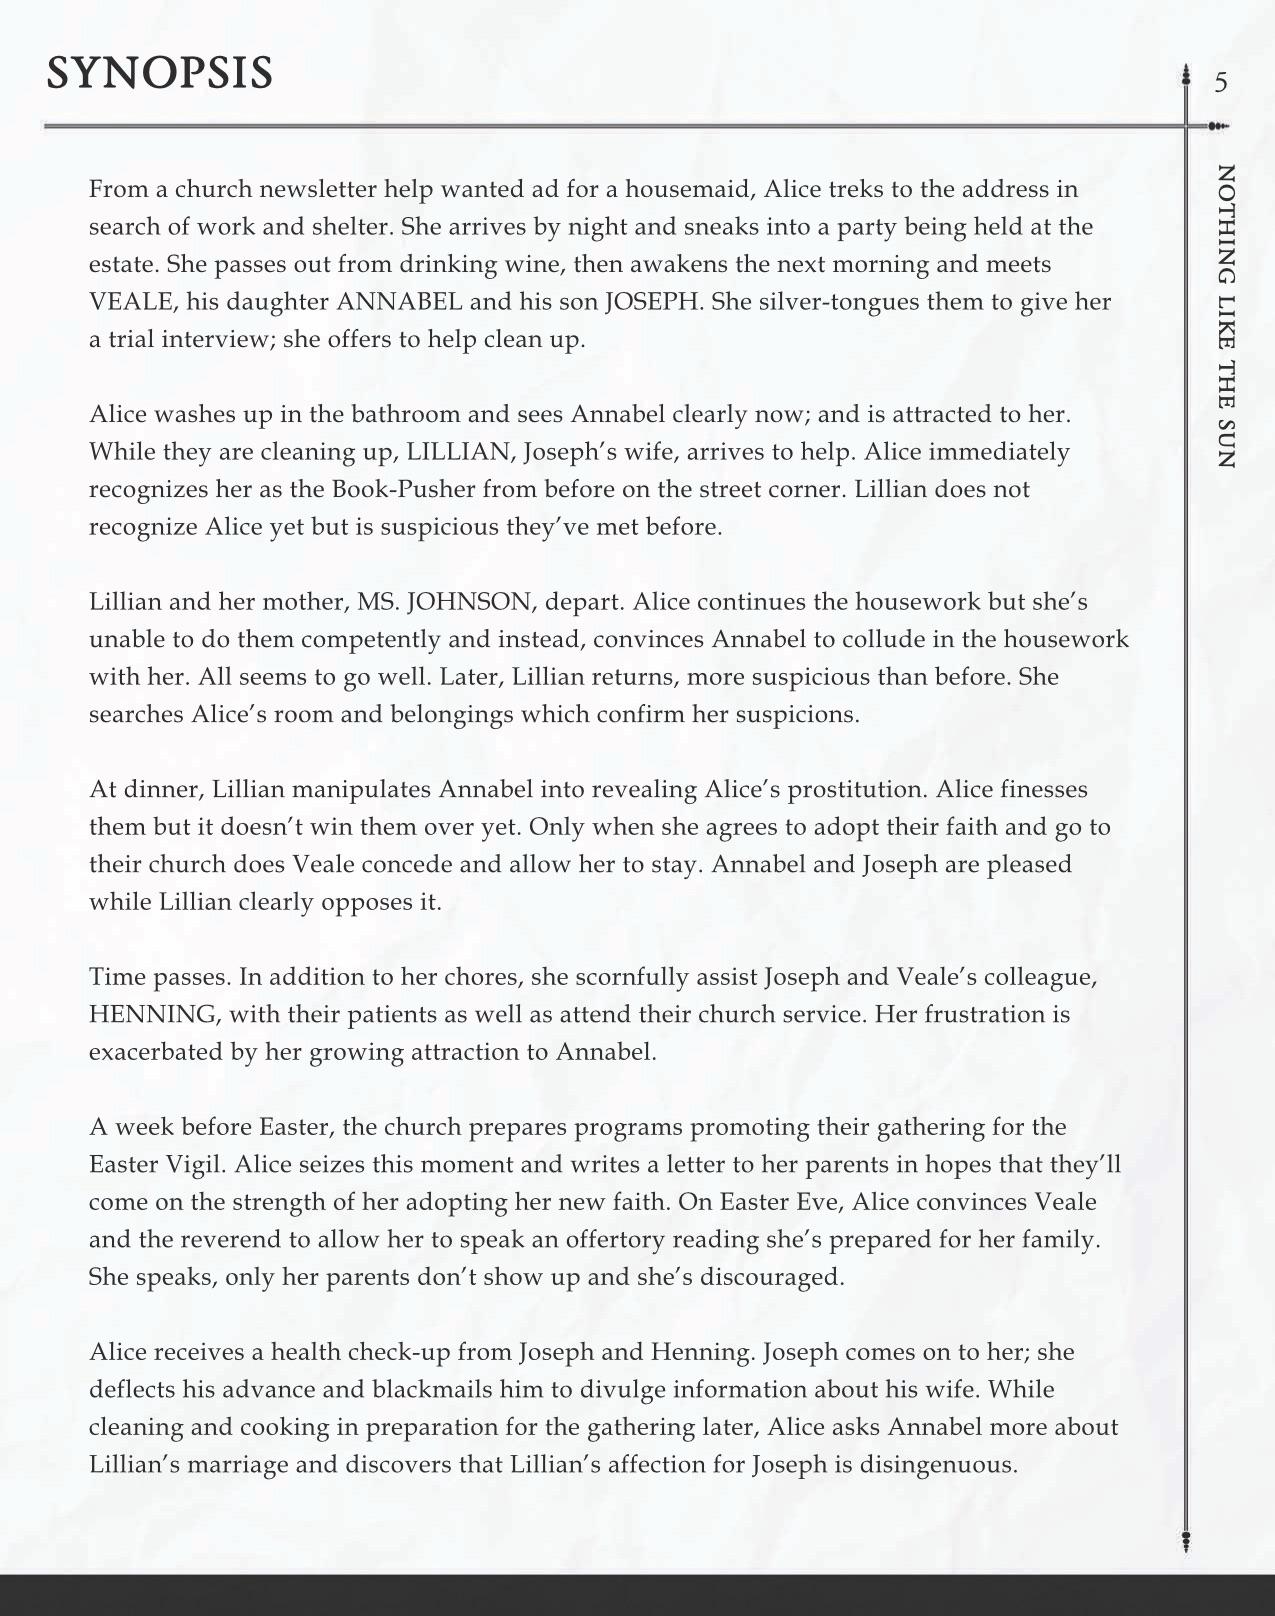 NLTS - Press Kit 3.jpg